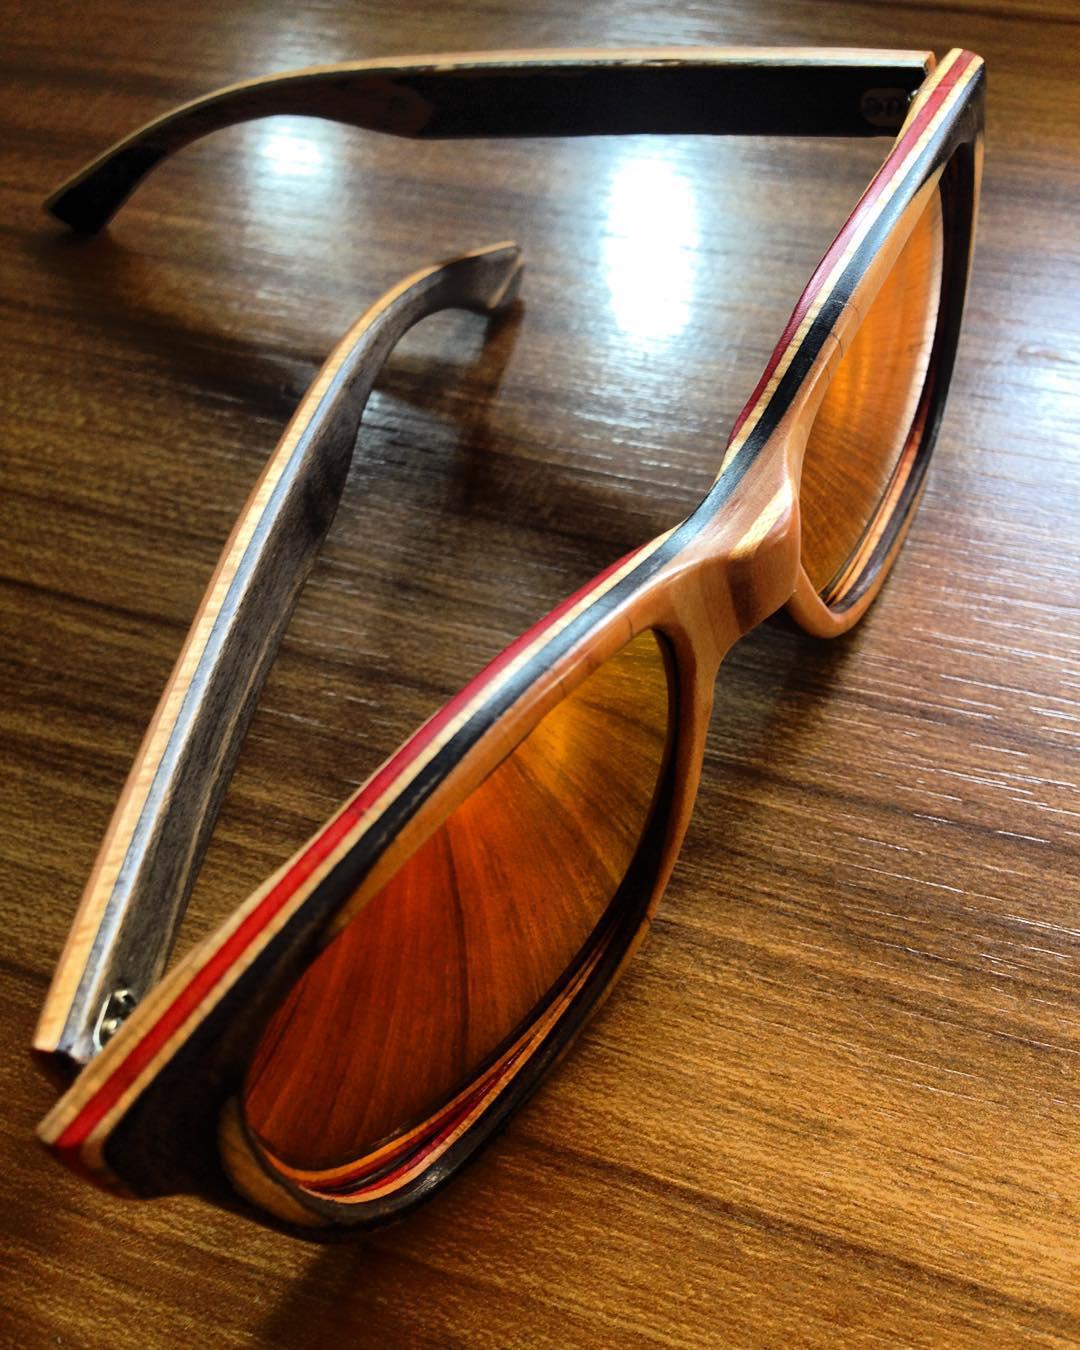 Excelente día para usar unos anteojos así ‼️ ‼️ ♻️♻️recycledsunglasses♻️♻️